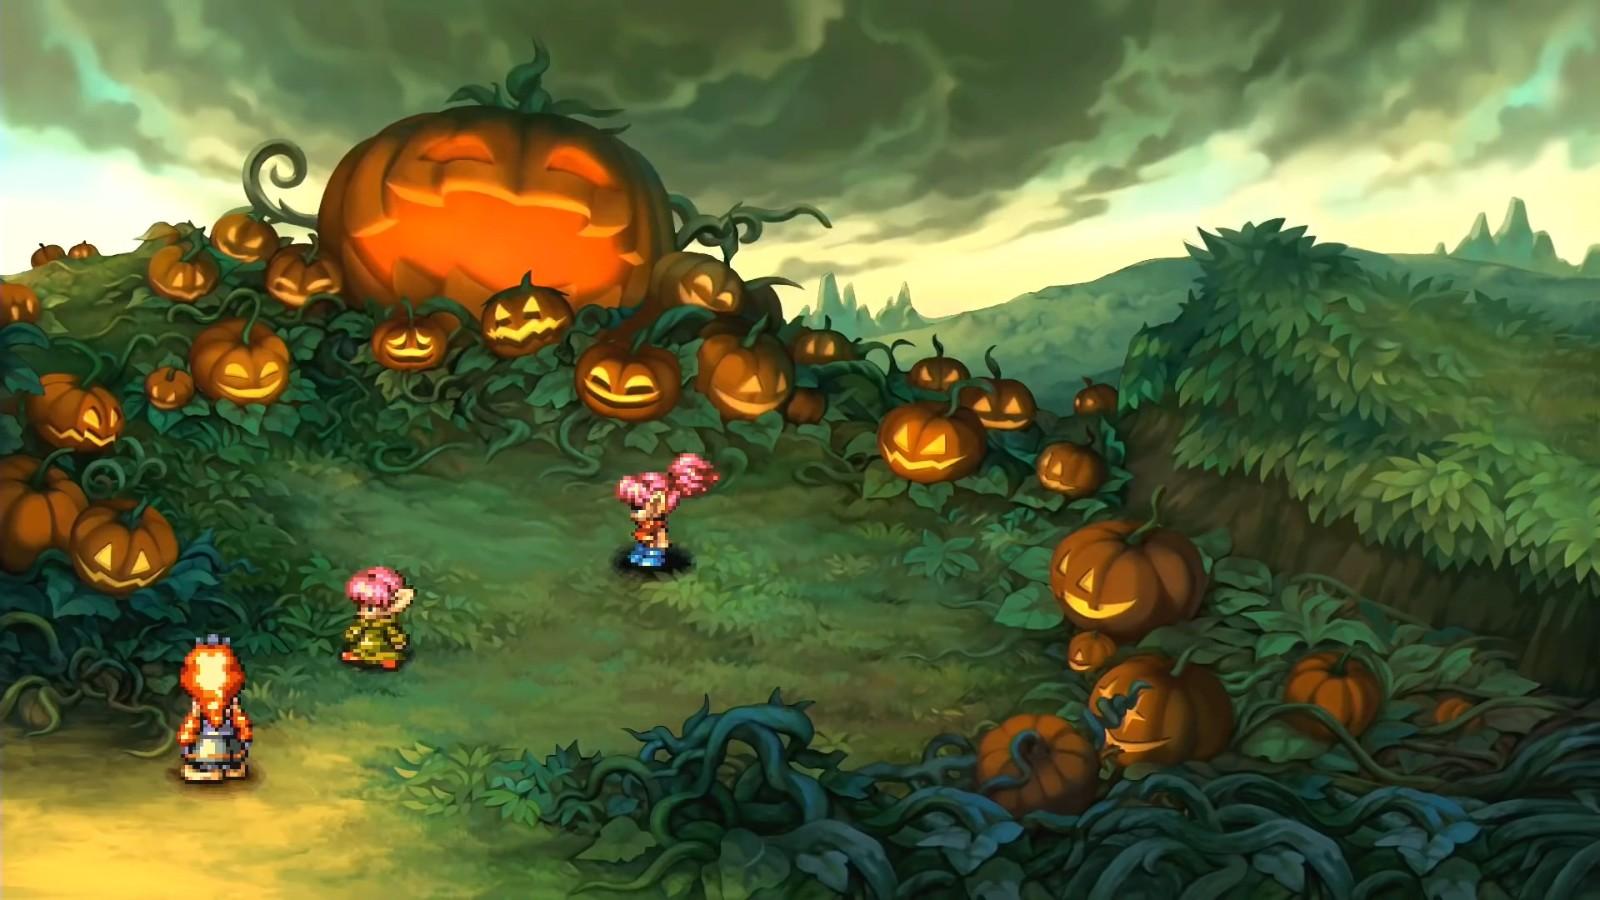 《圣剑传说:玛娜传奇》高清版发售在即 公布全新演示 游戏资讯 第1张